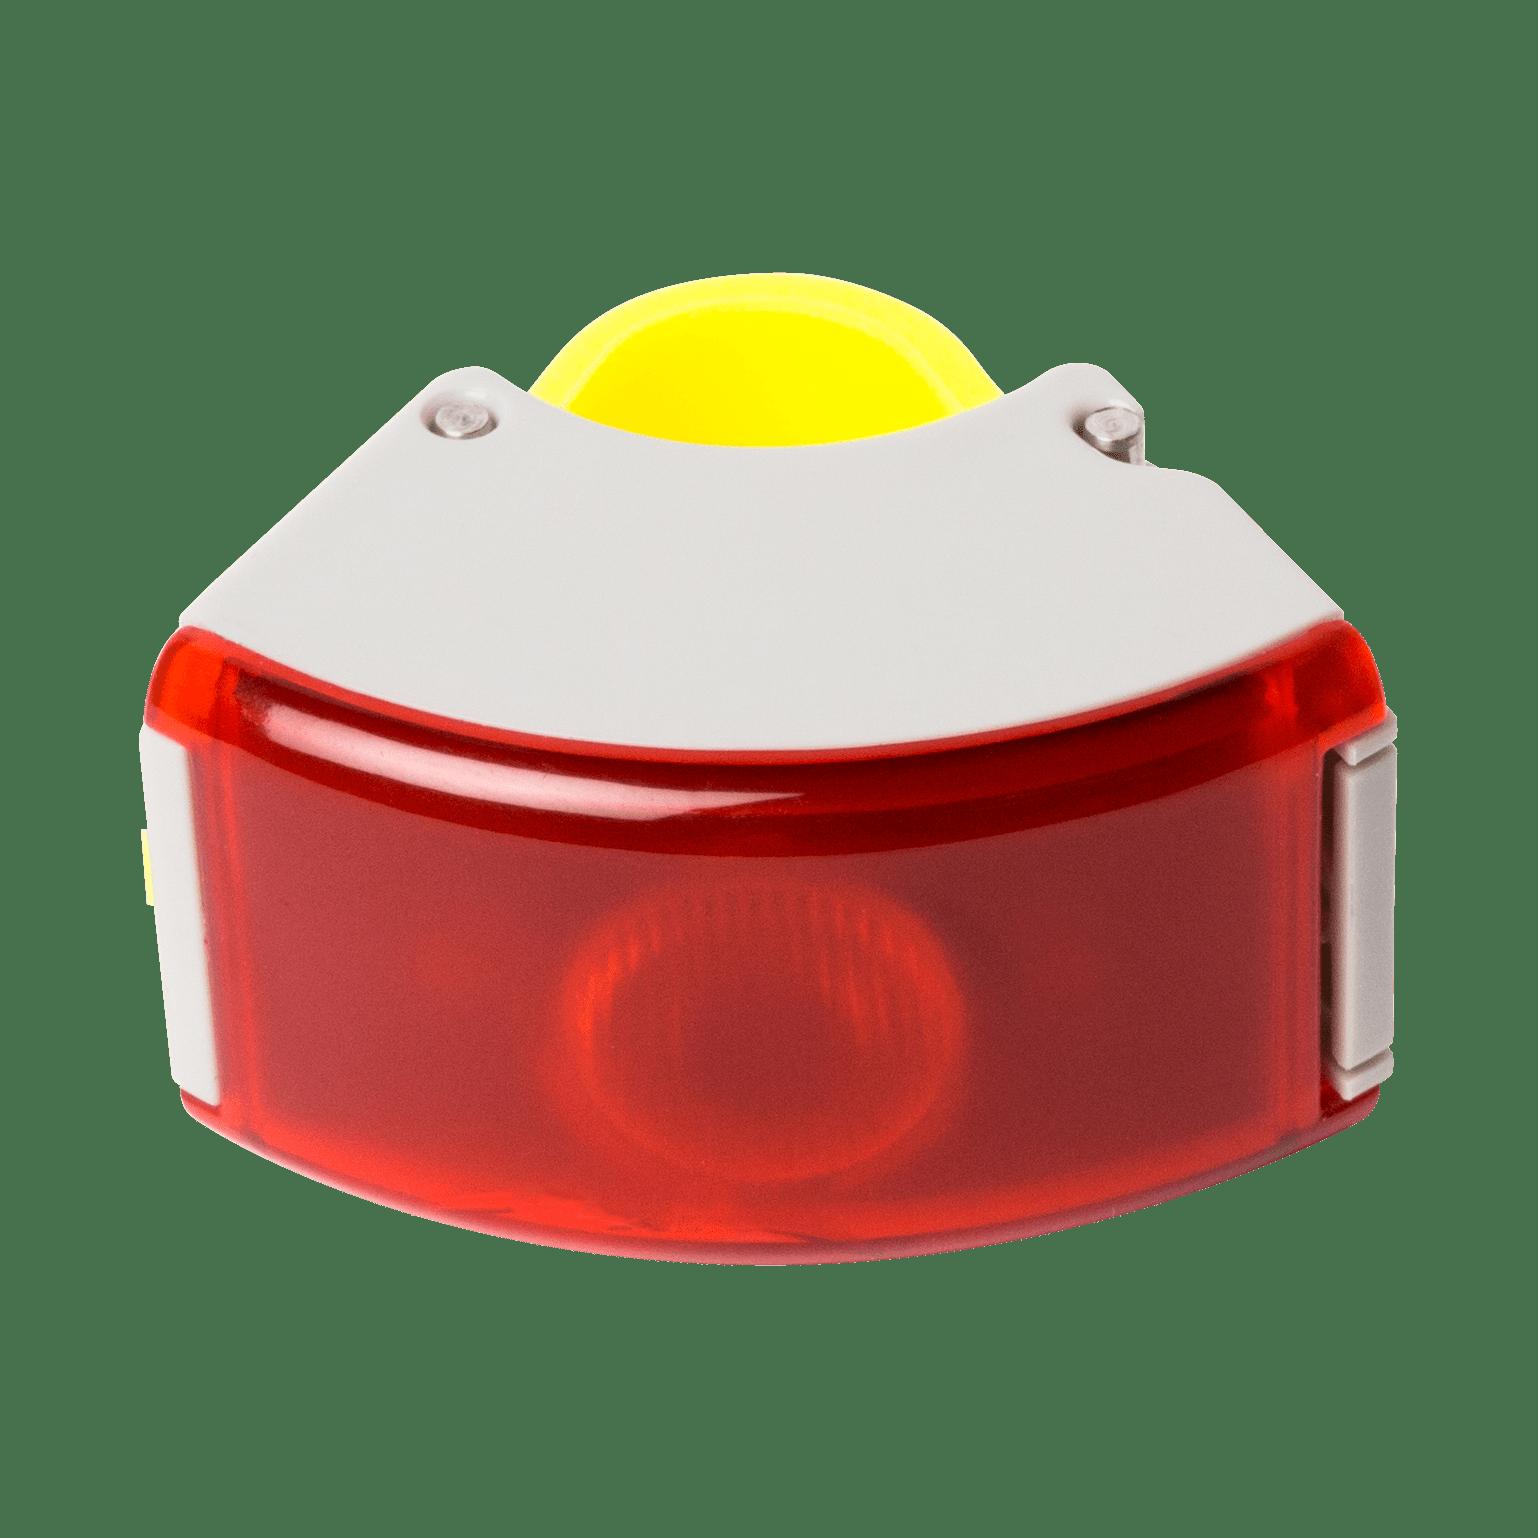 Bookman Curve 2 baglygte USB grå/gul | Rear lights